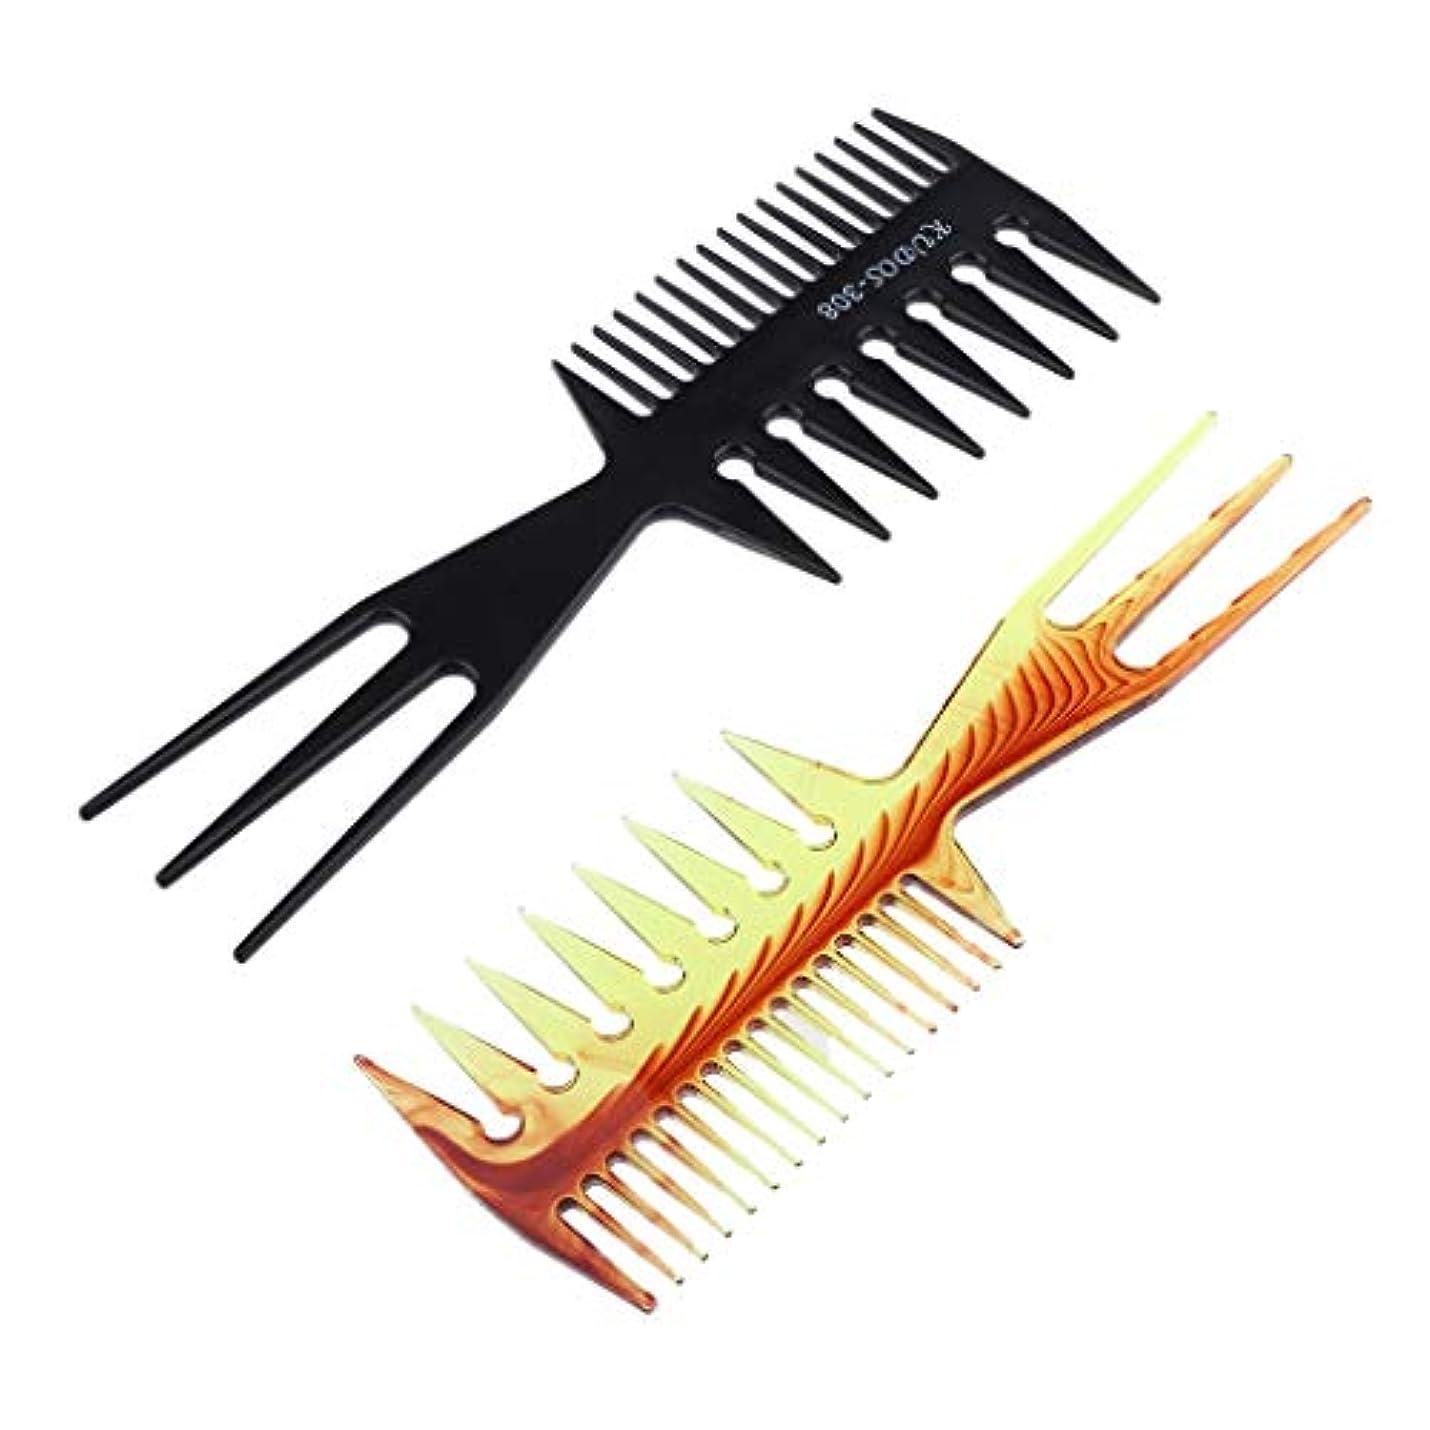 知性カイウス単に2個入り ヘアダイブラシ 毛染めコーム 髪染め用ヘアコーム サロン 美髪師用 DIY髪染め用